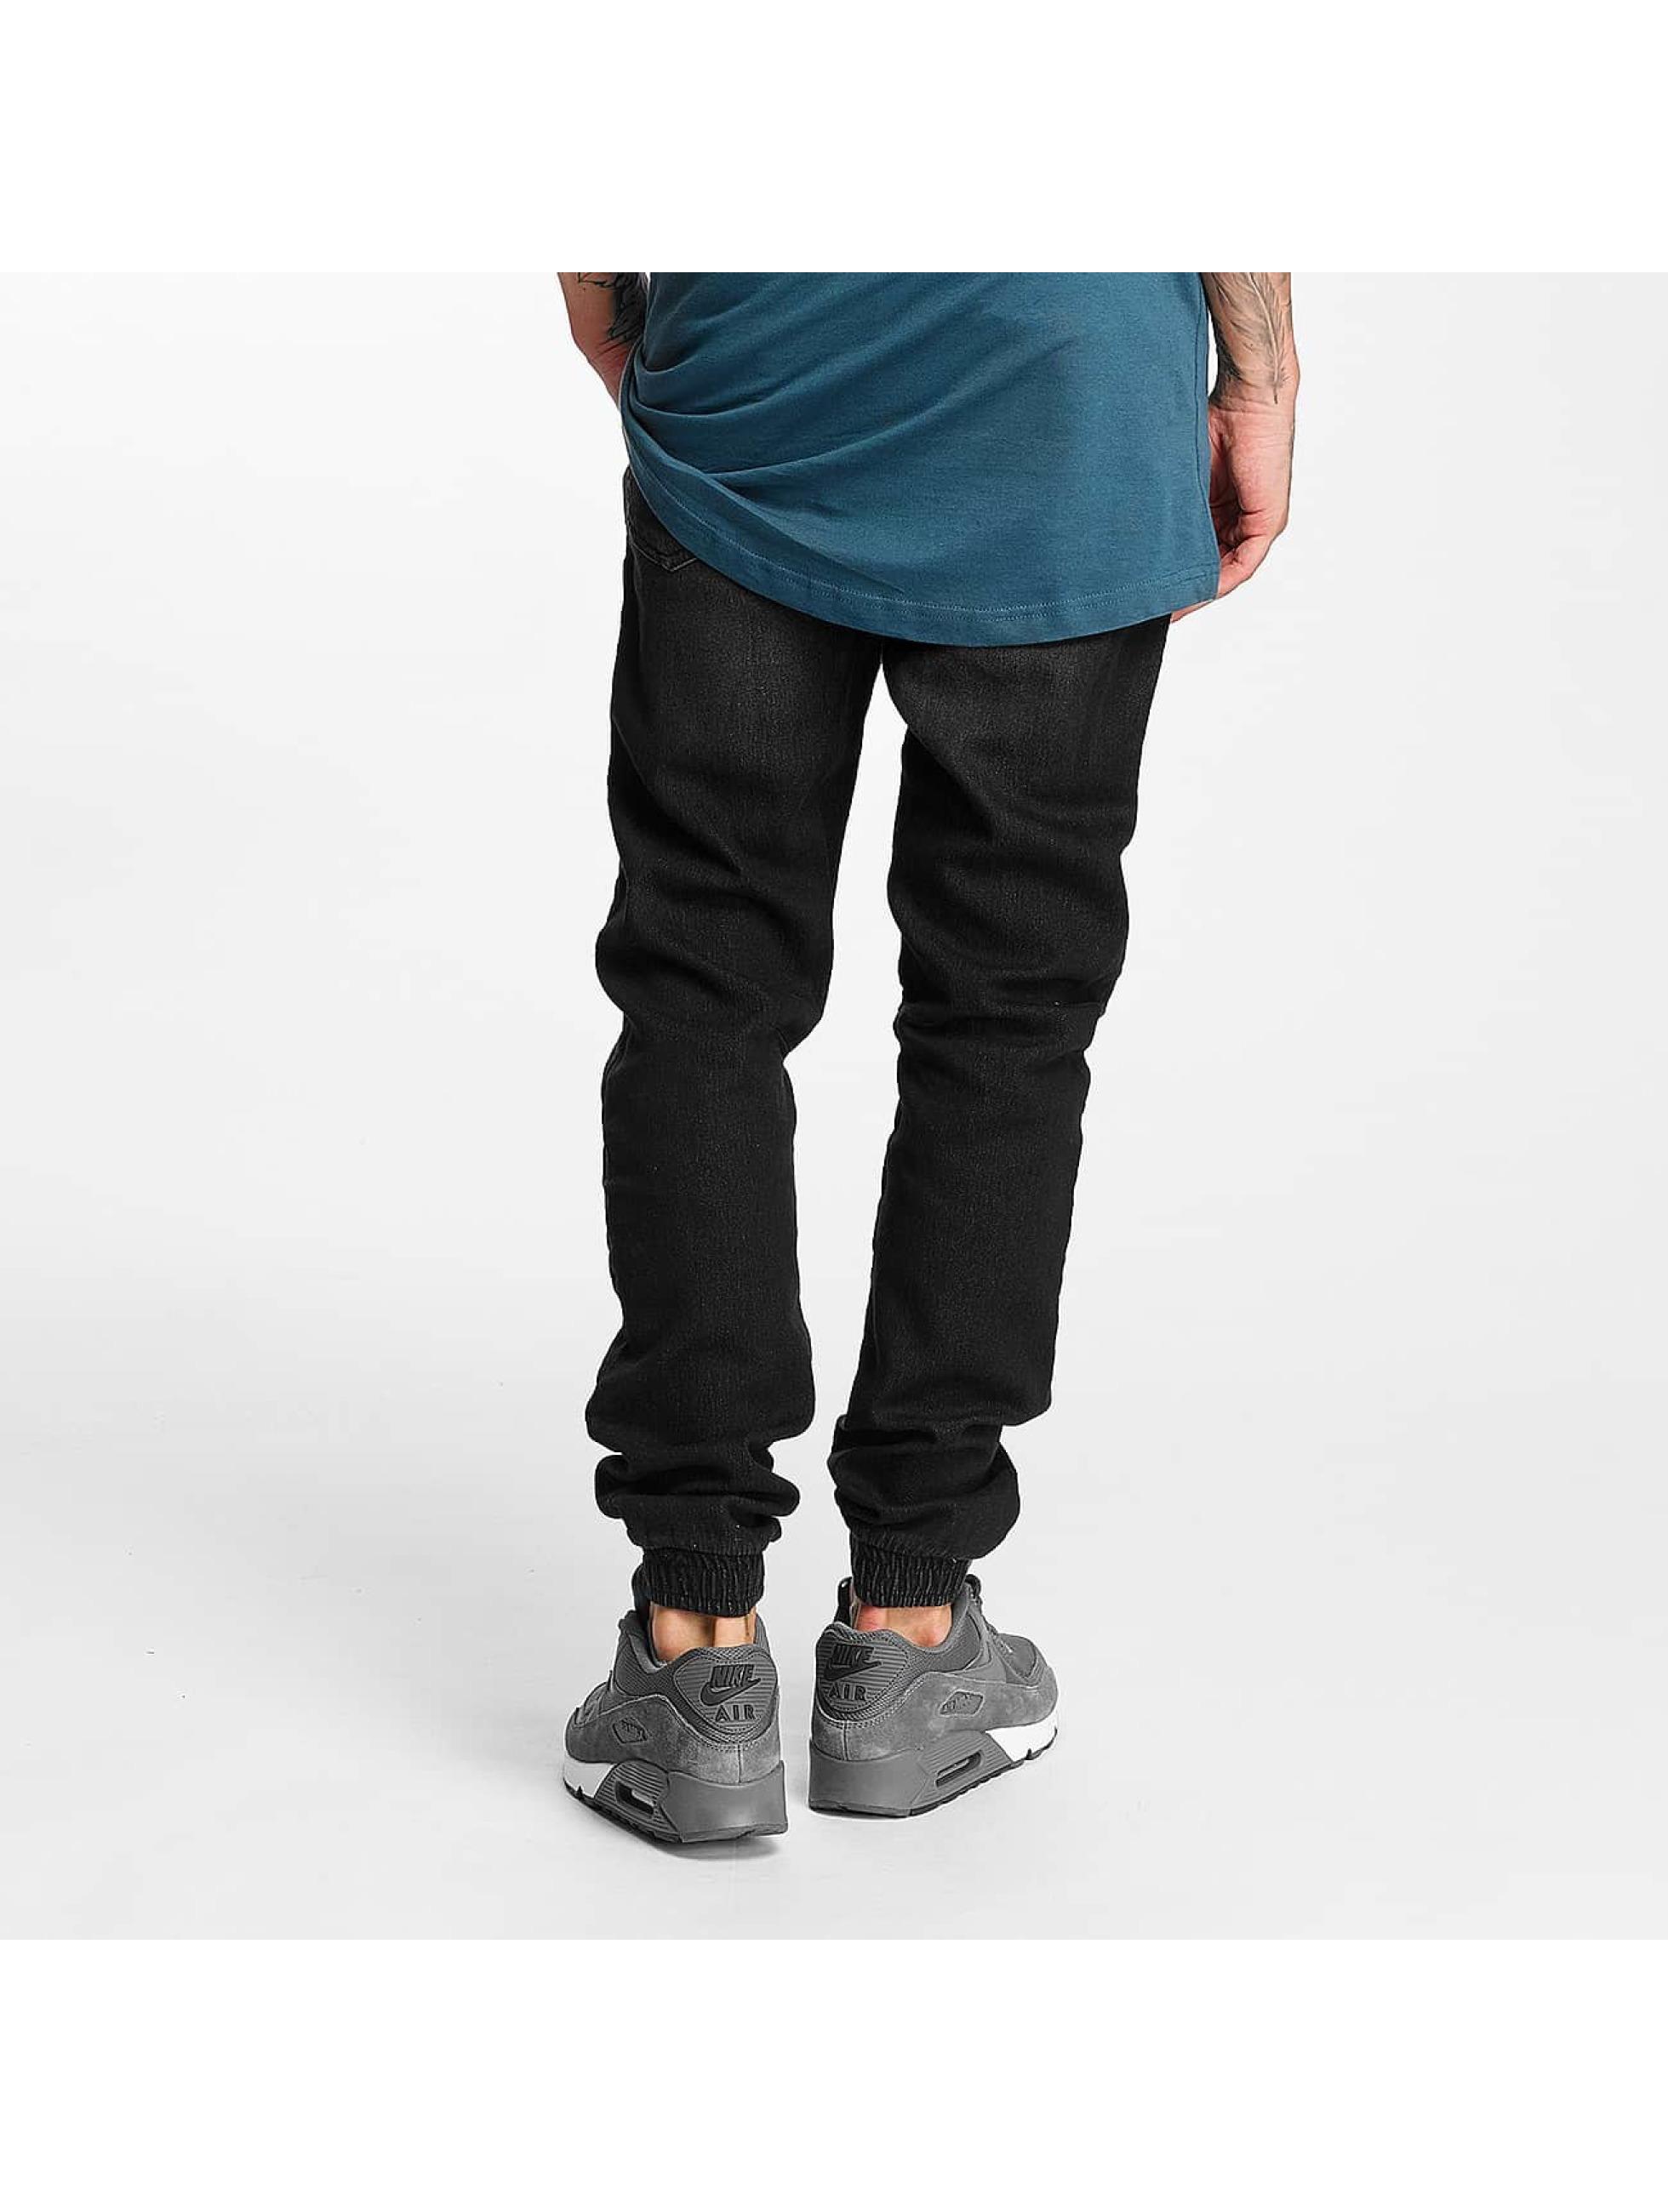 Urban Classics Sweat Pant Knitted Denim black